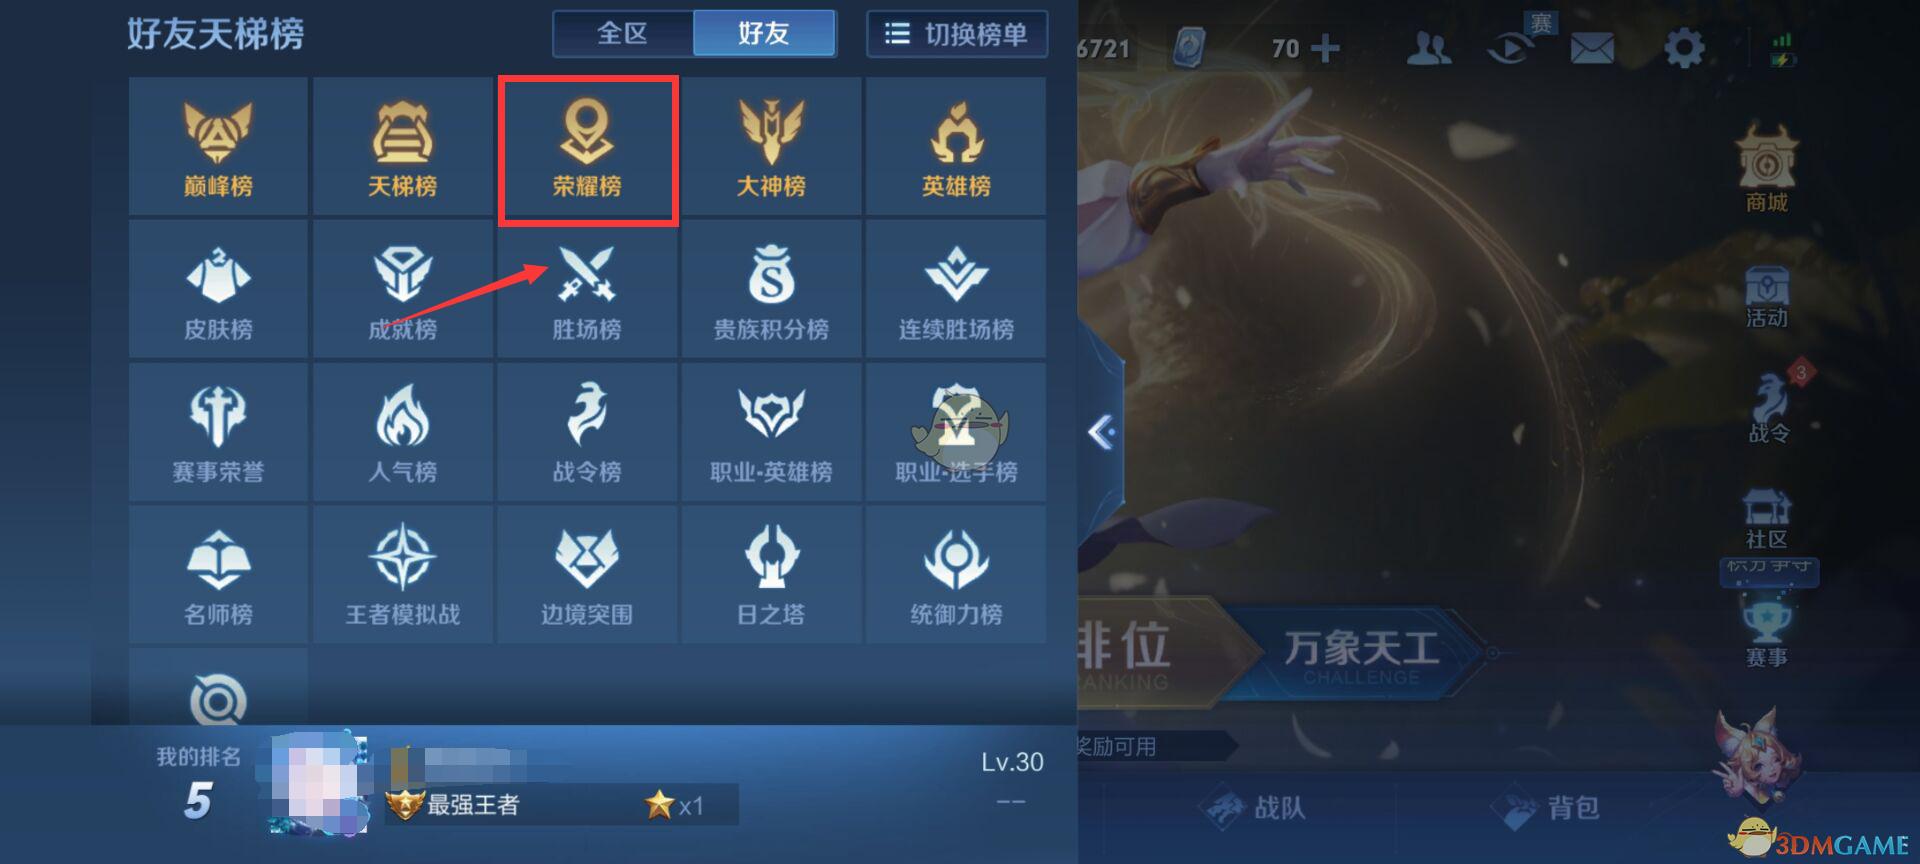 王者荣耀英雄战力排行榜怎么看